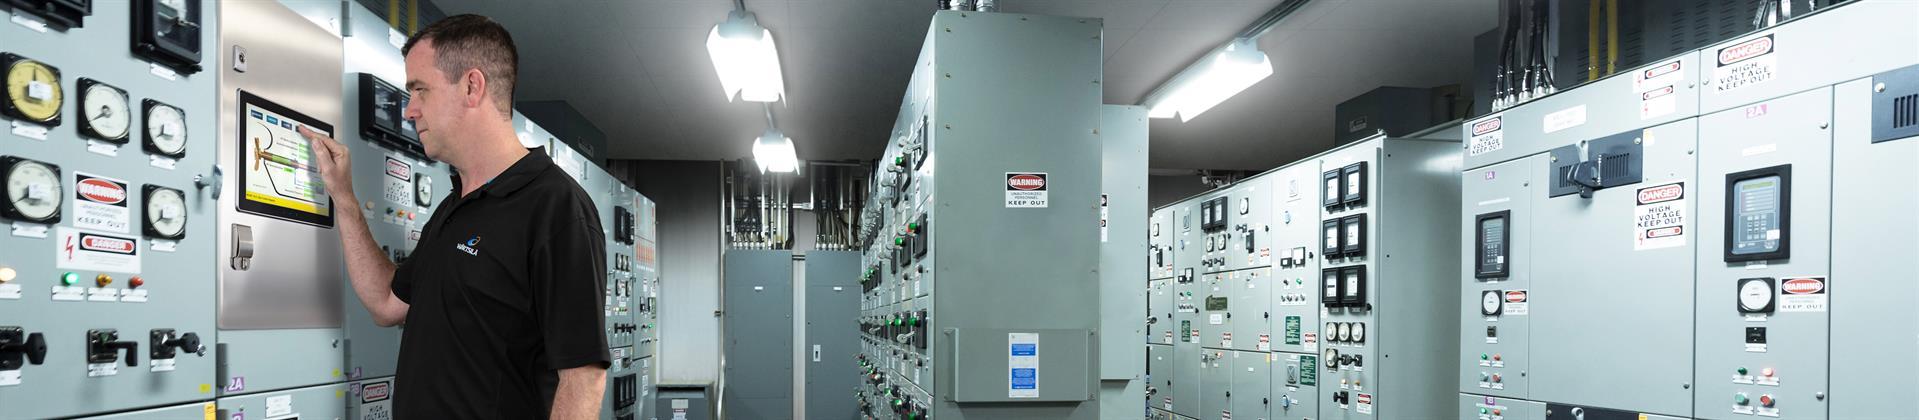 Sea MasterControl Room LEFT_slide item